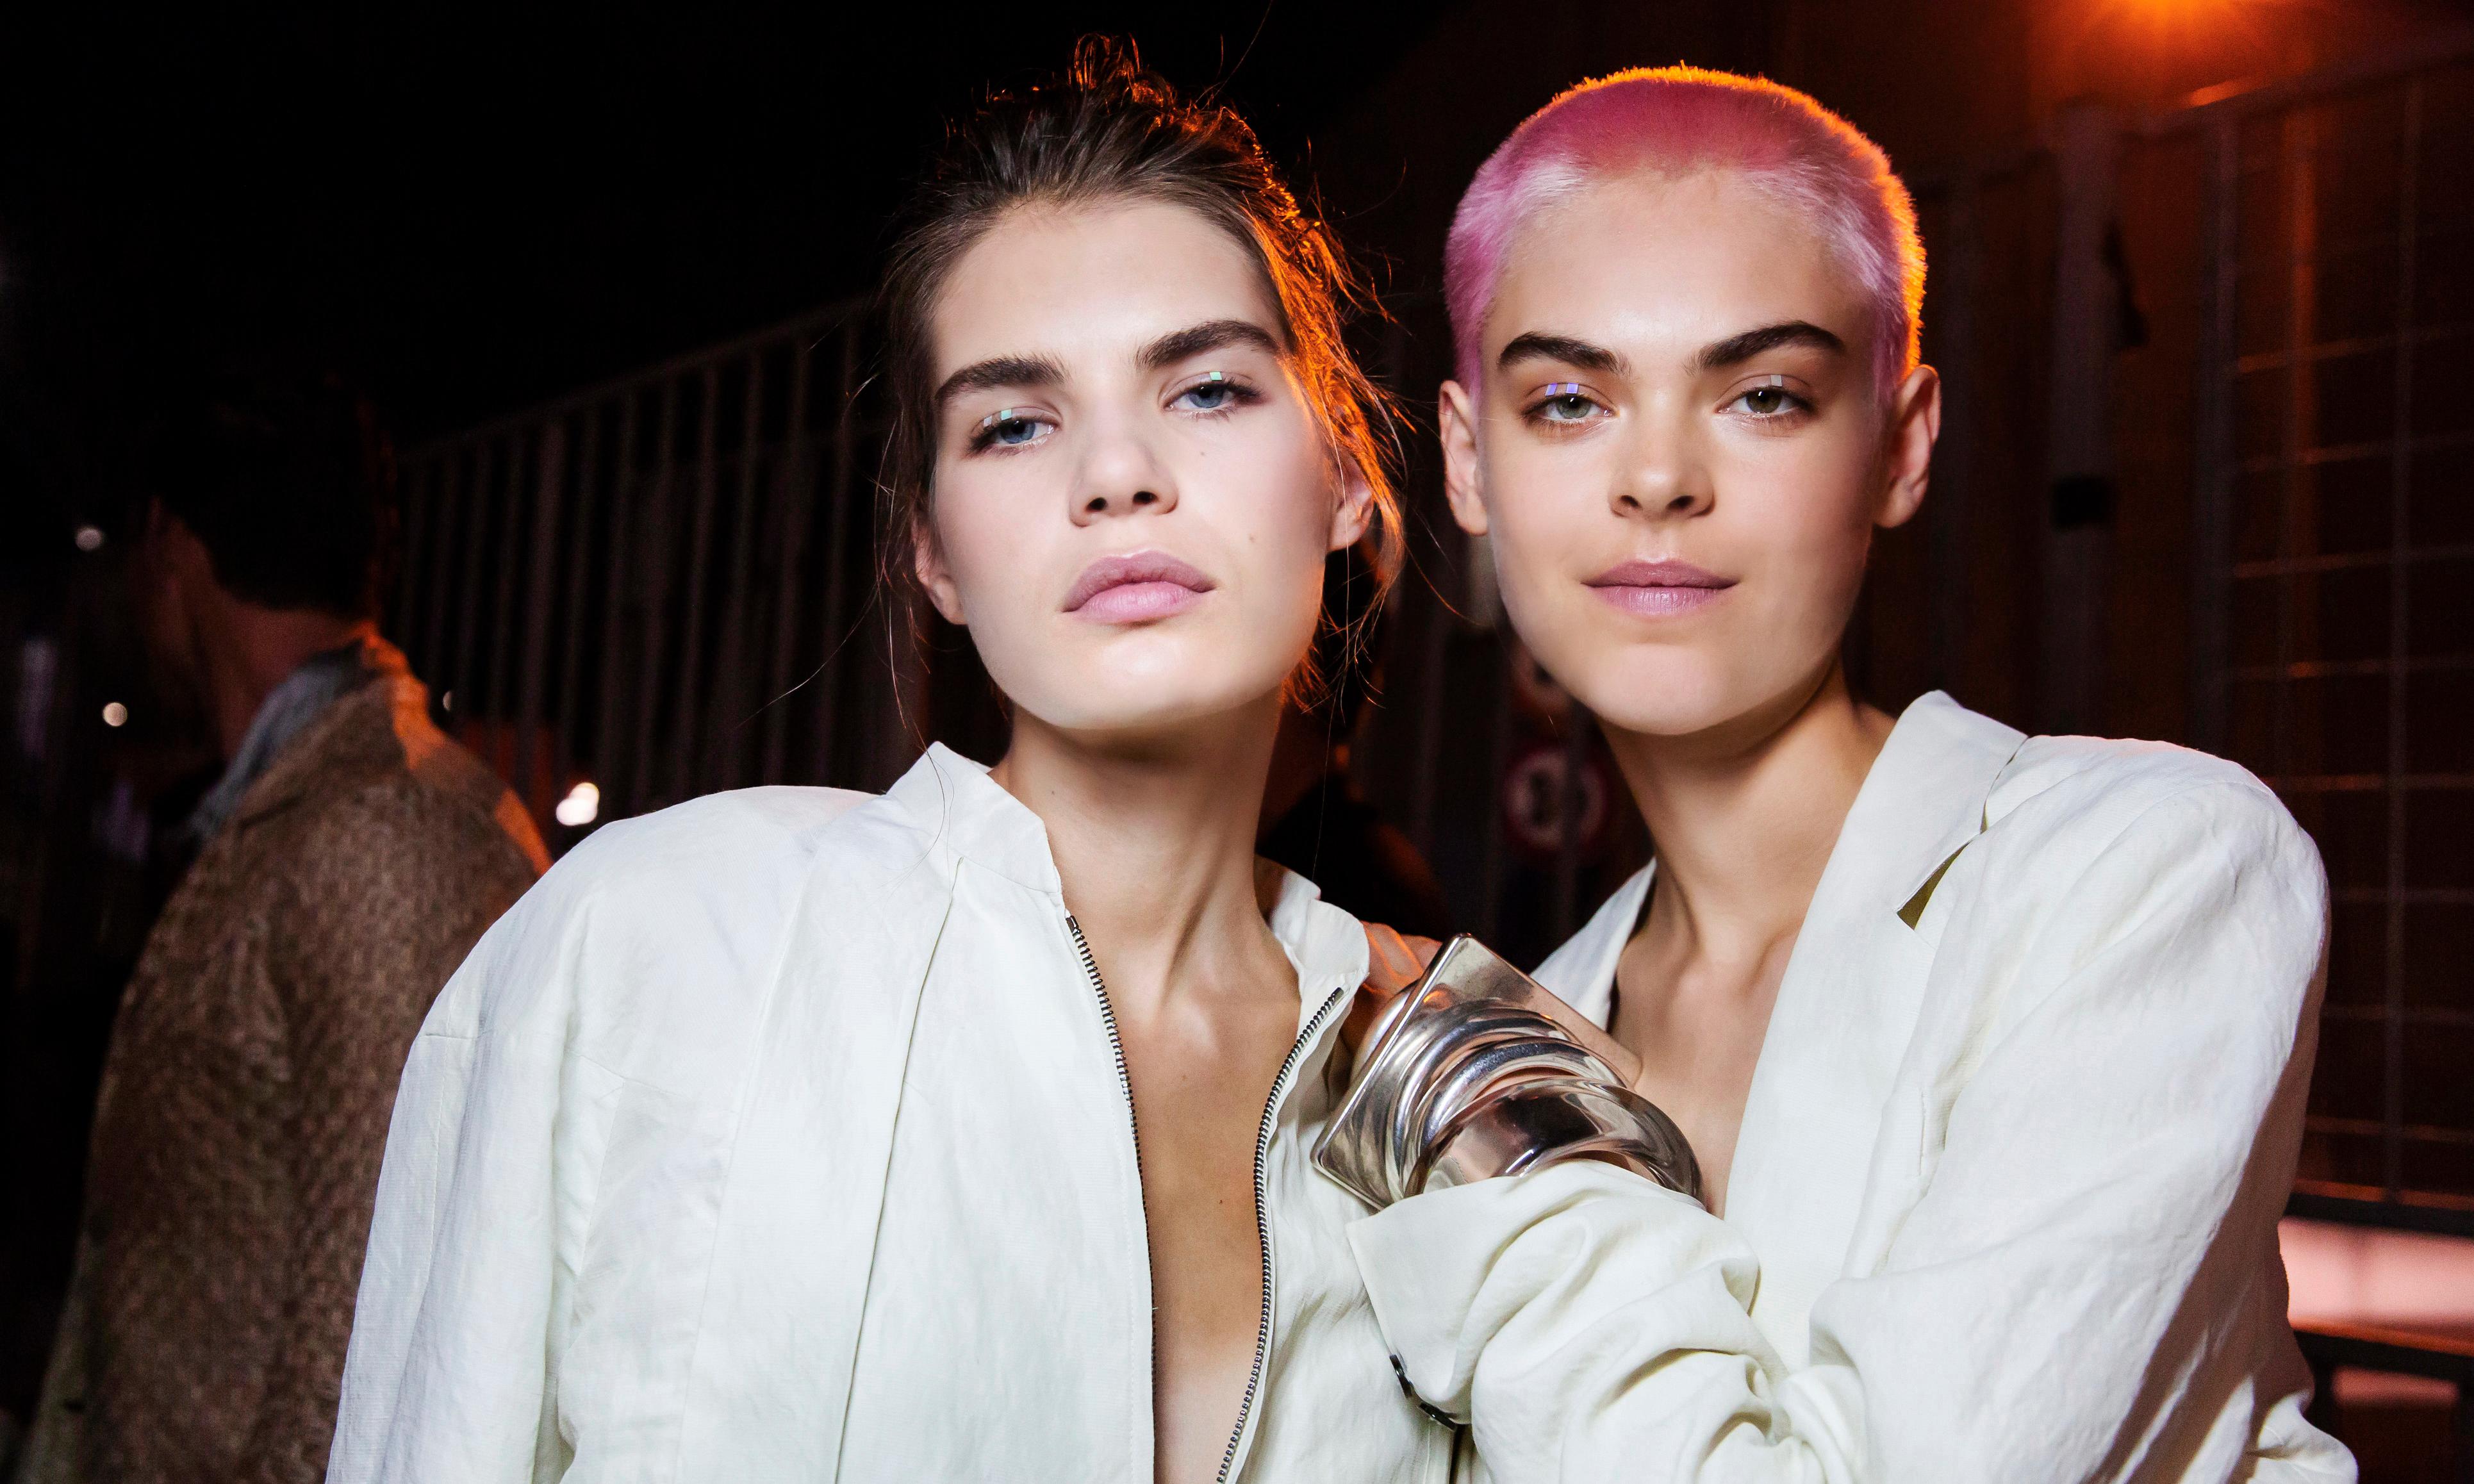 Перманентный макияж: что нужно знать, прежде чем решиться